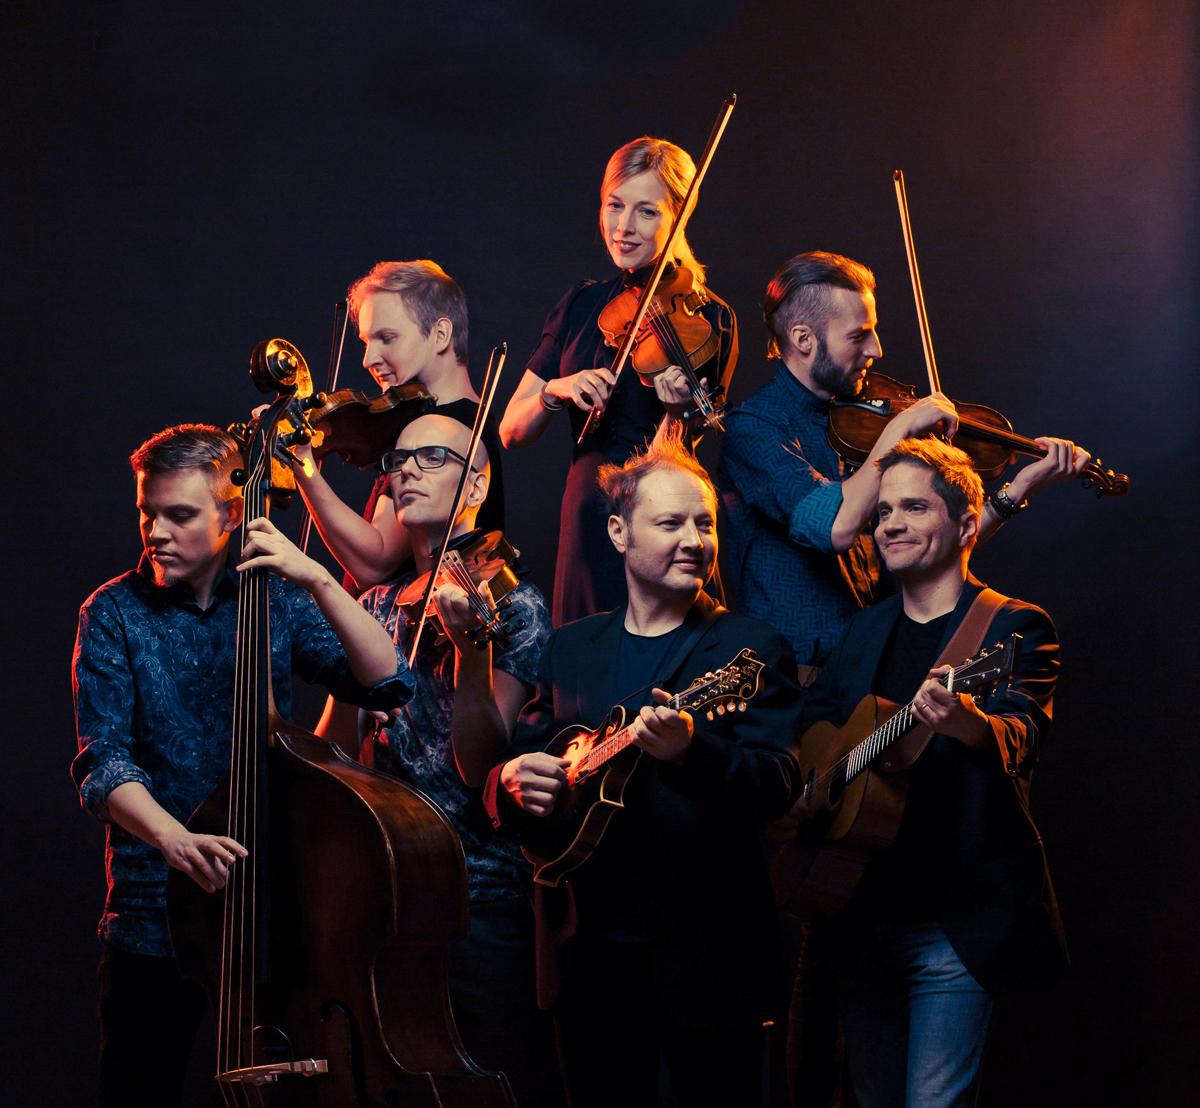 (FOTO: Tero Ahonen) Die finnisch-norwegische Band Frigg ist weit über den Norden Europas für ihren einzigartigen